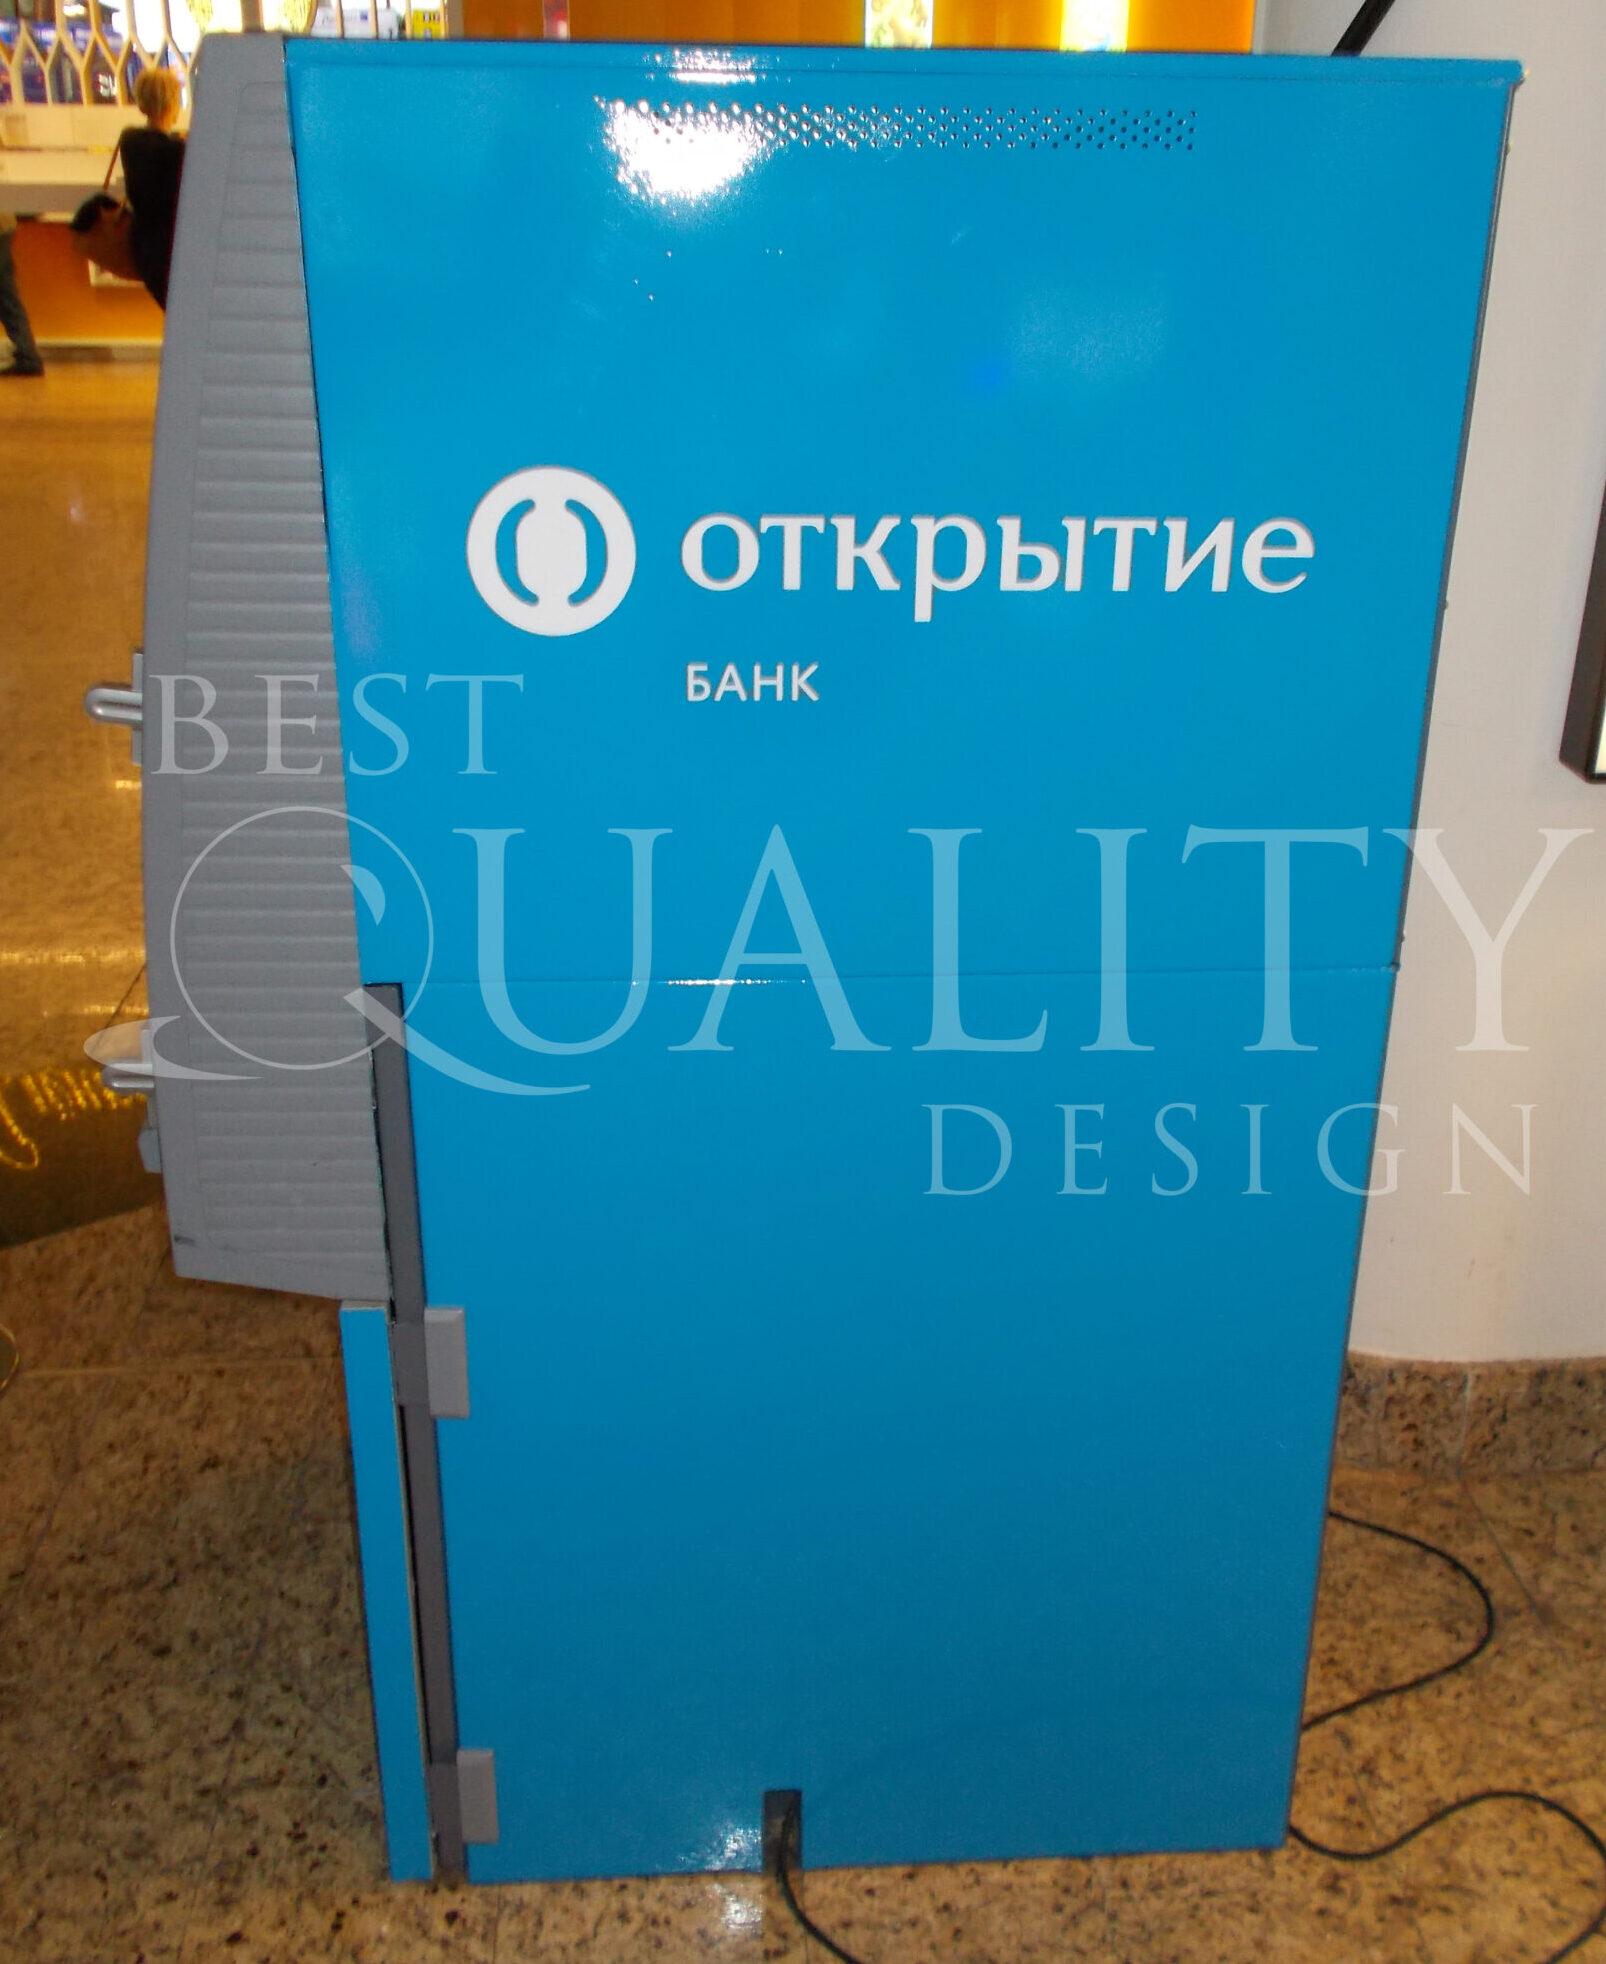 Брендирование банкоматов Банка Открытие